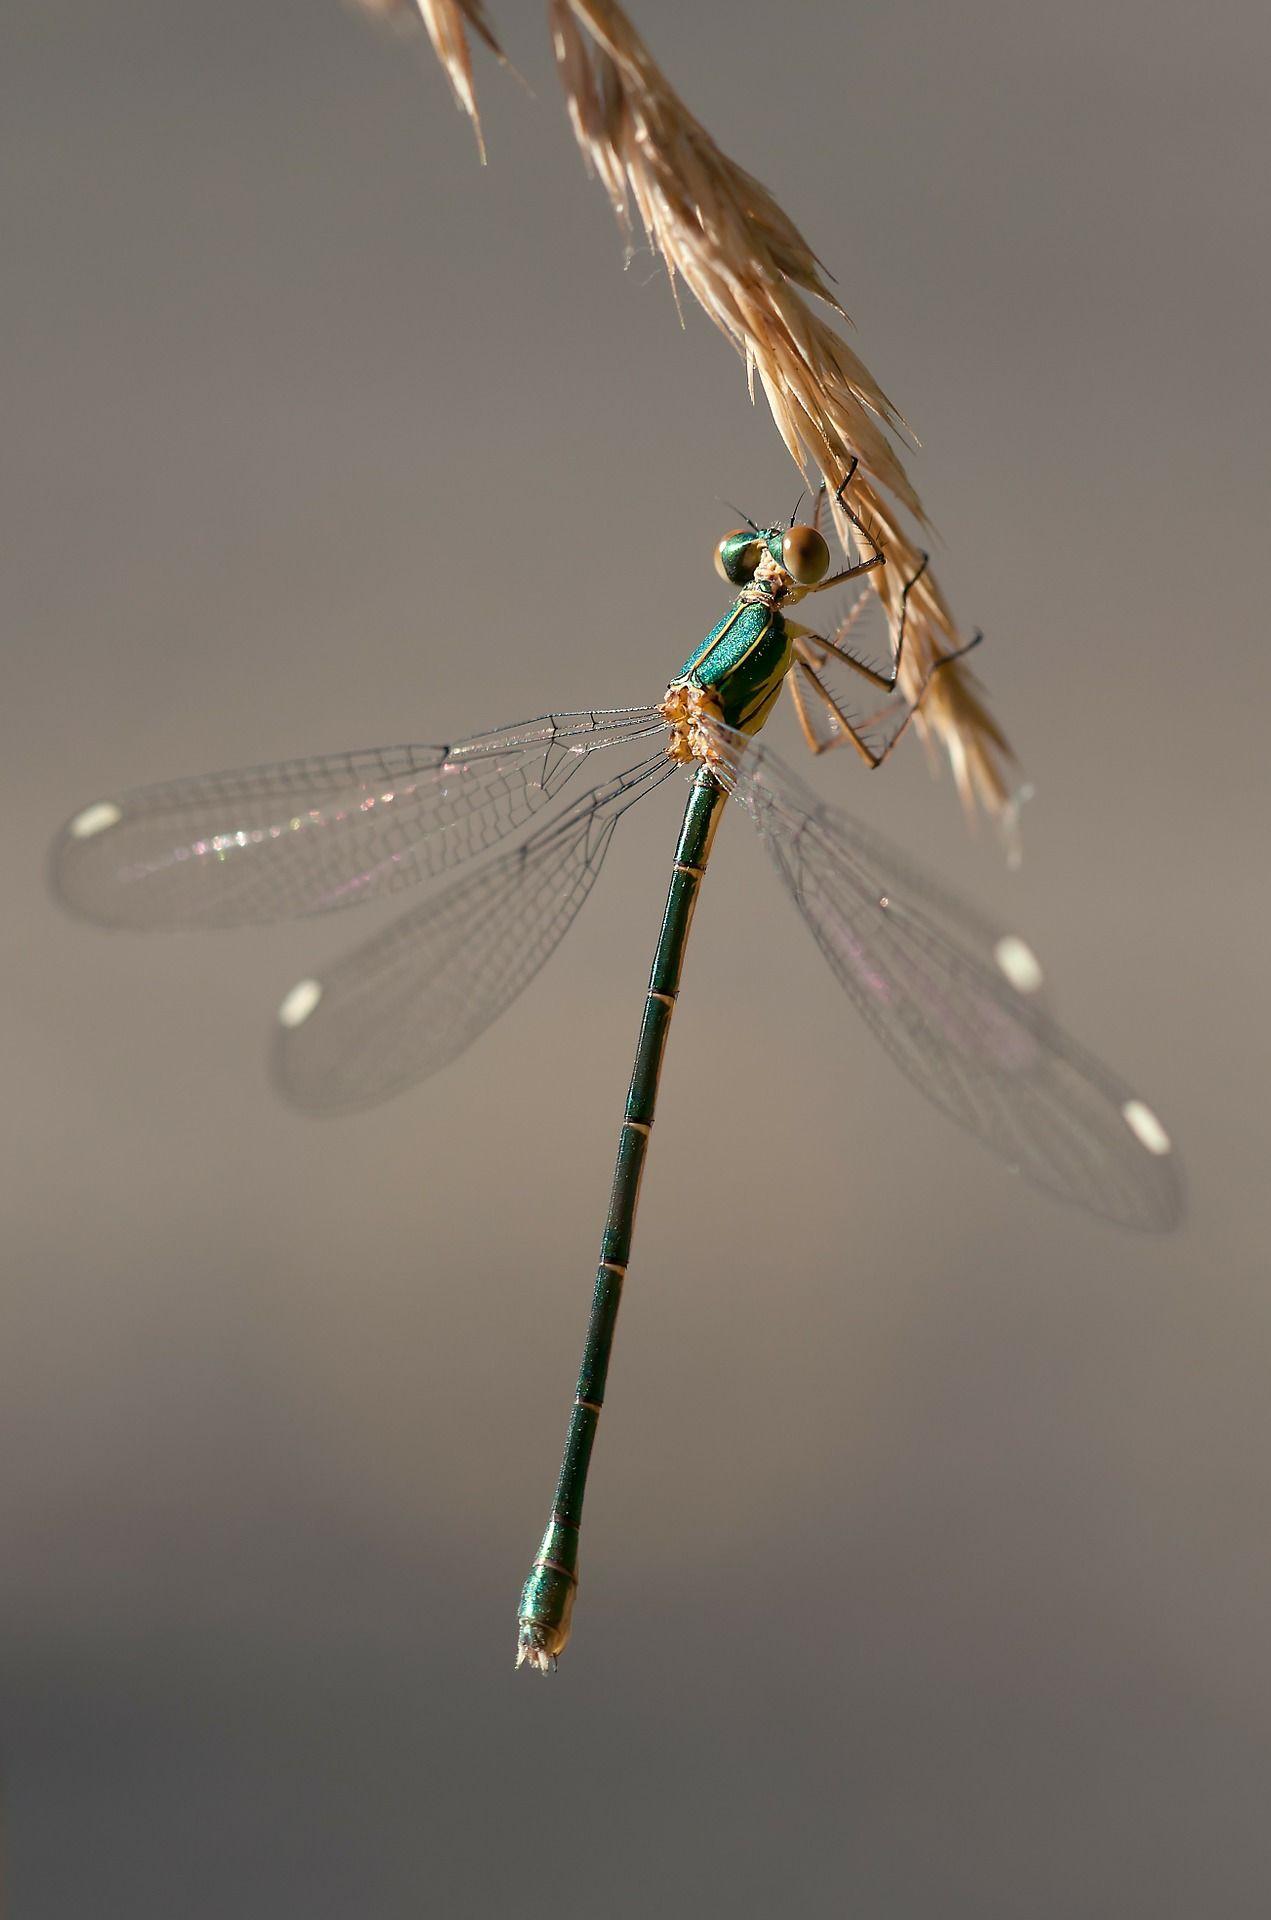 Скачать фото стрекозы из интернета бесплатно